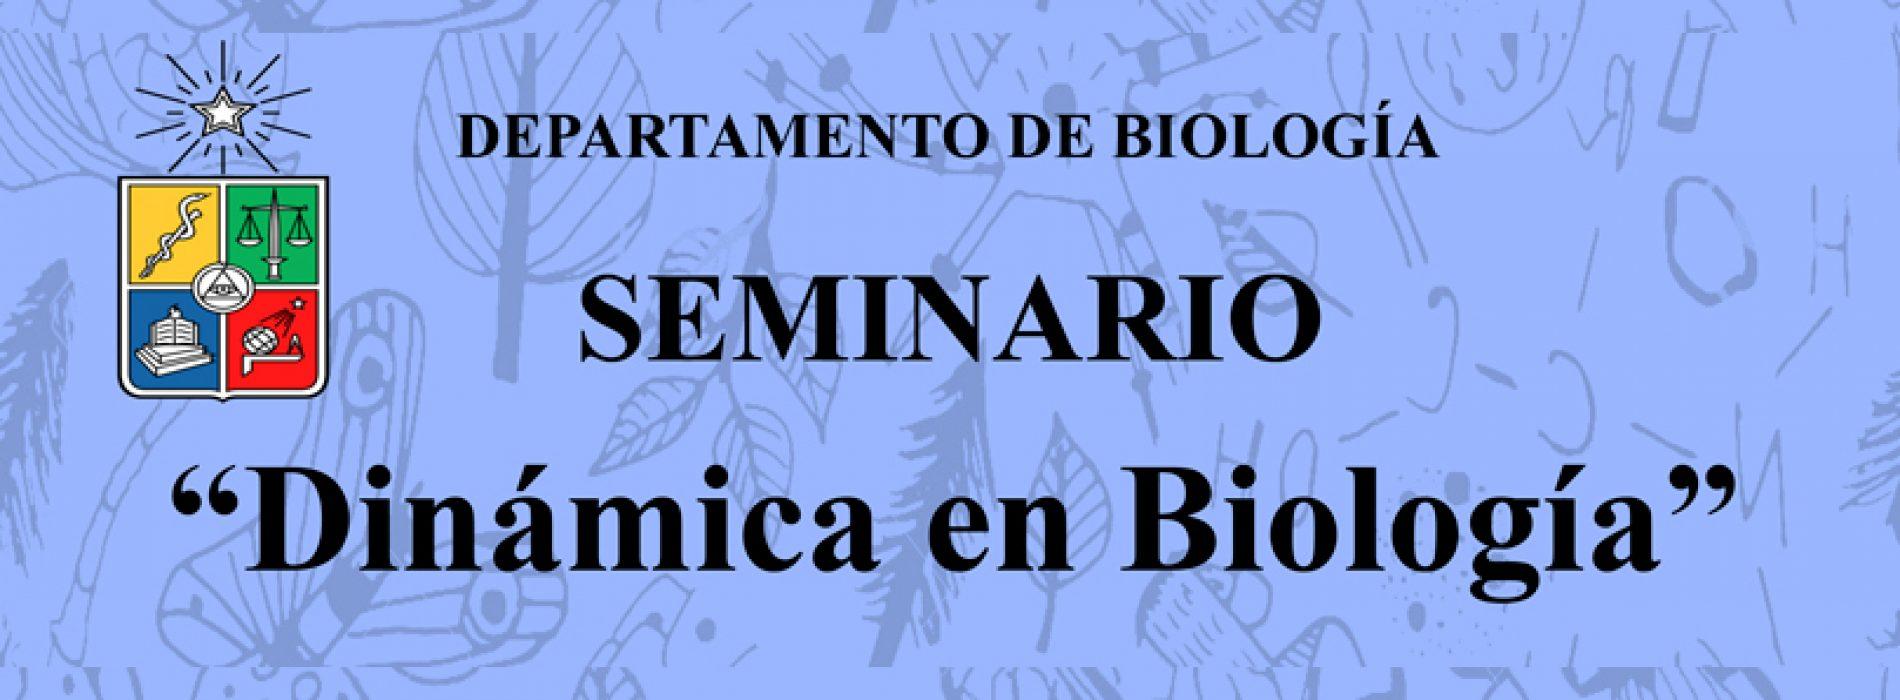 Seminario «Dinámica en Biología» – 6 de Agosto